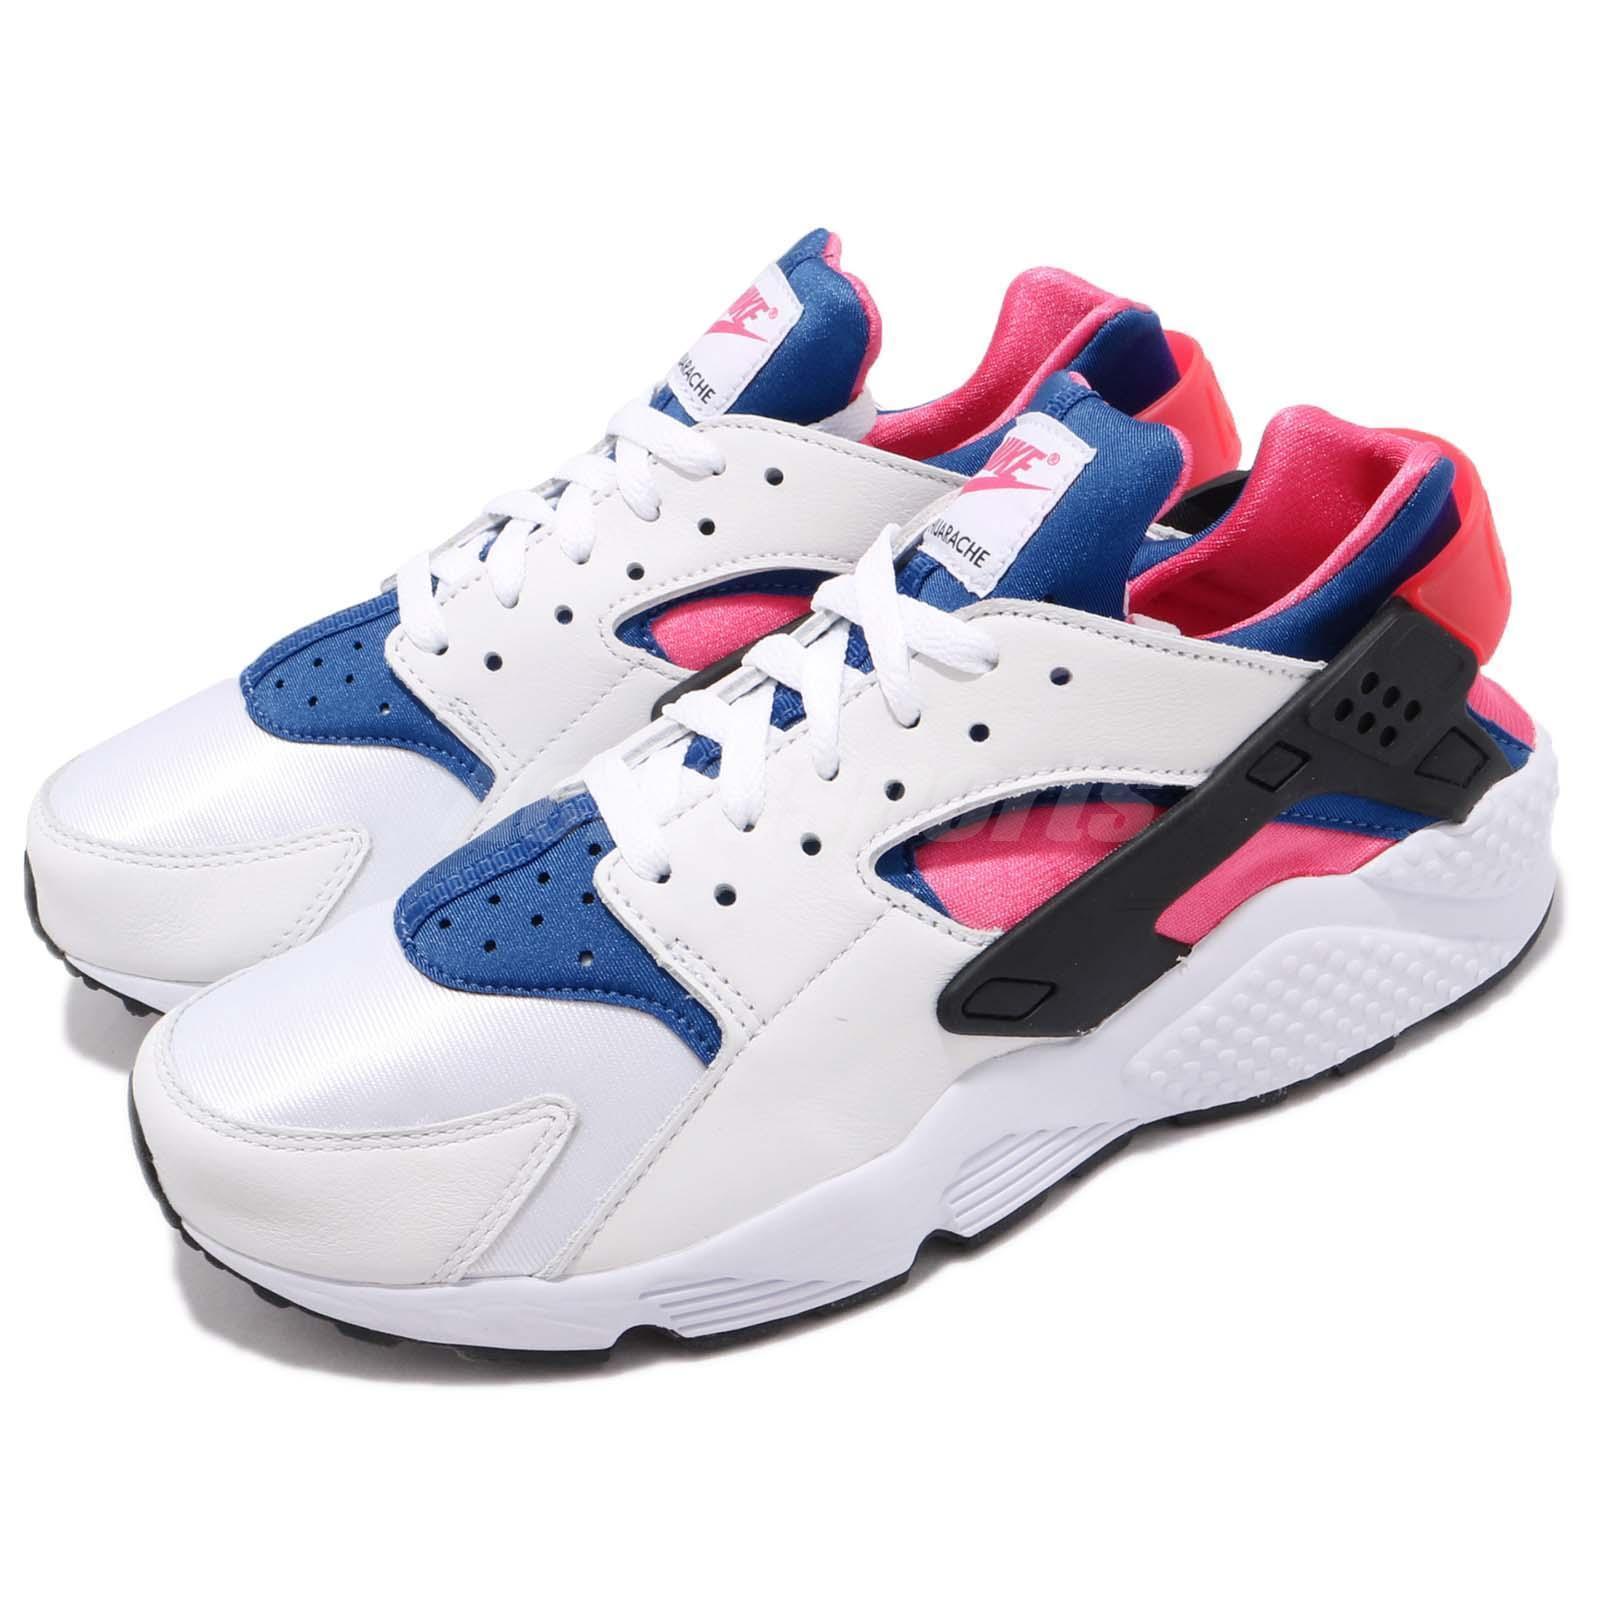 Nike Air Huarache Run 91 QS OG blanc Bleu Pink Hommes Chaussures Sneakers AH8049-100